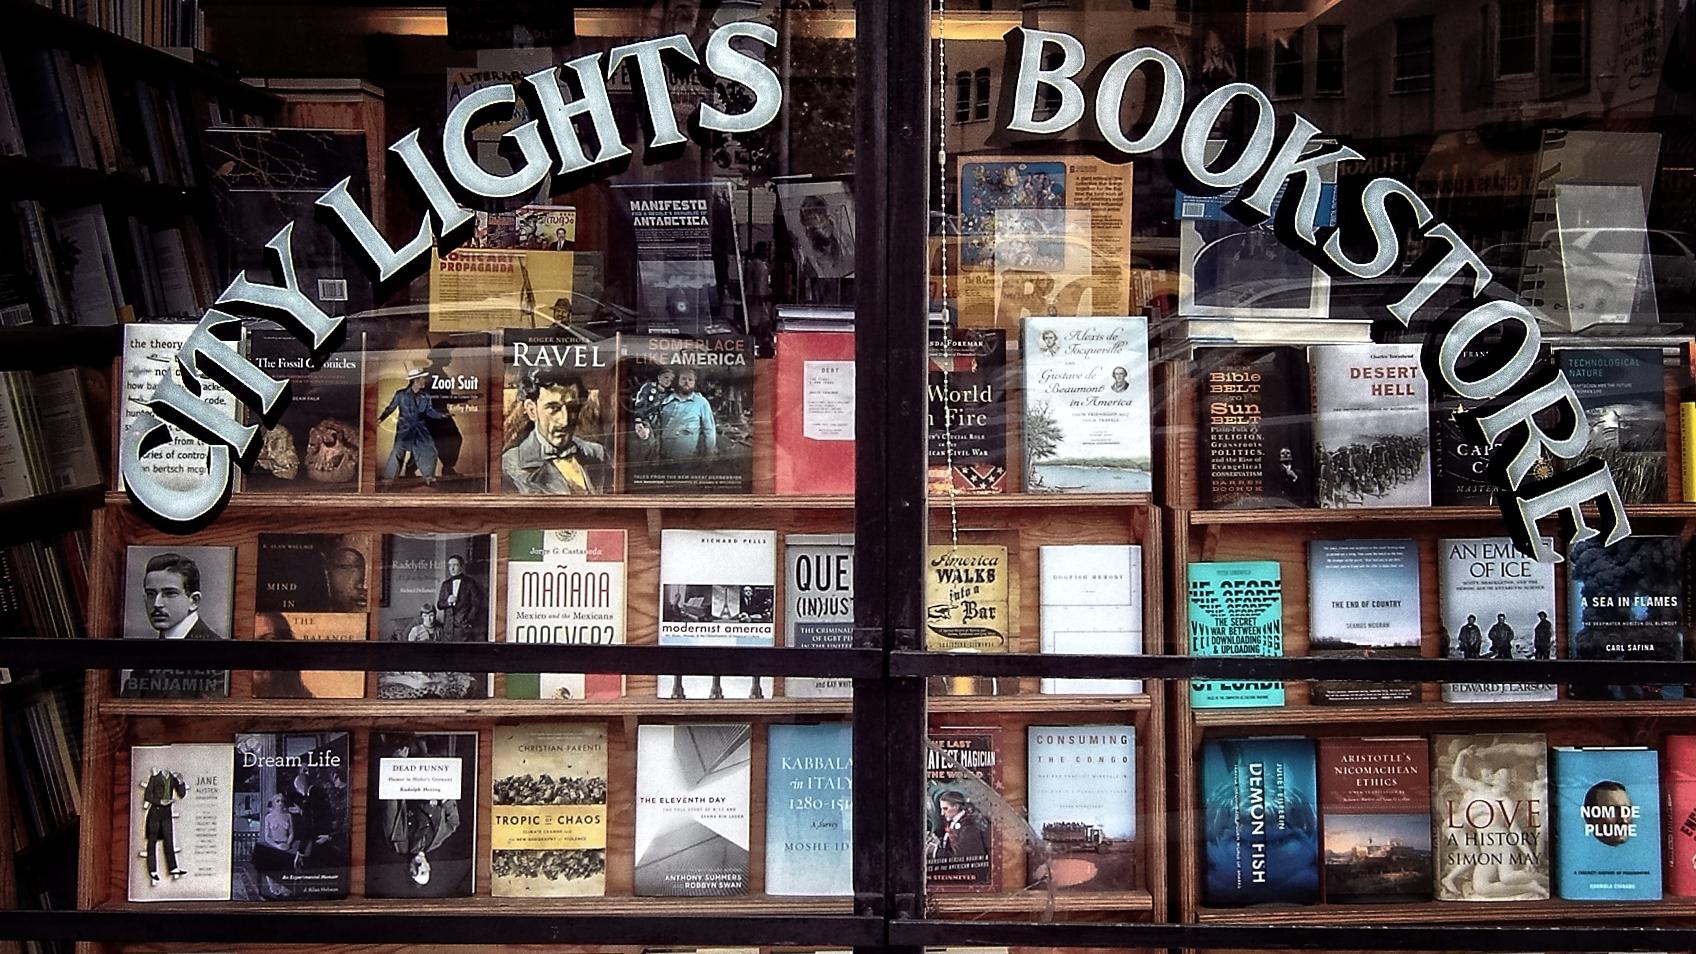 Der City Lights Bookstore gehört heute fest zum kulturellen Erbe San Franciscos.